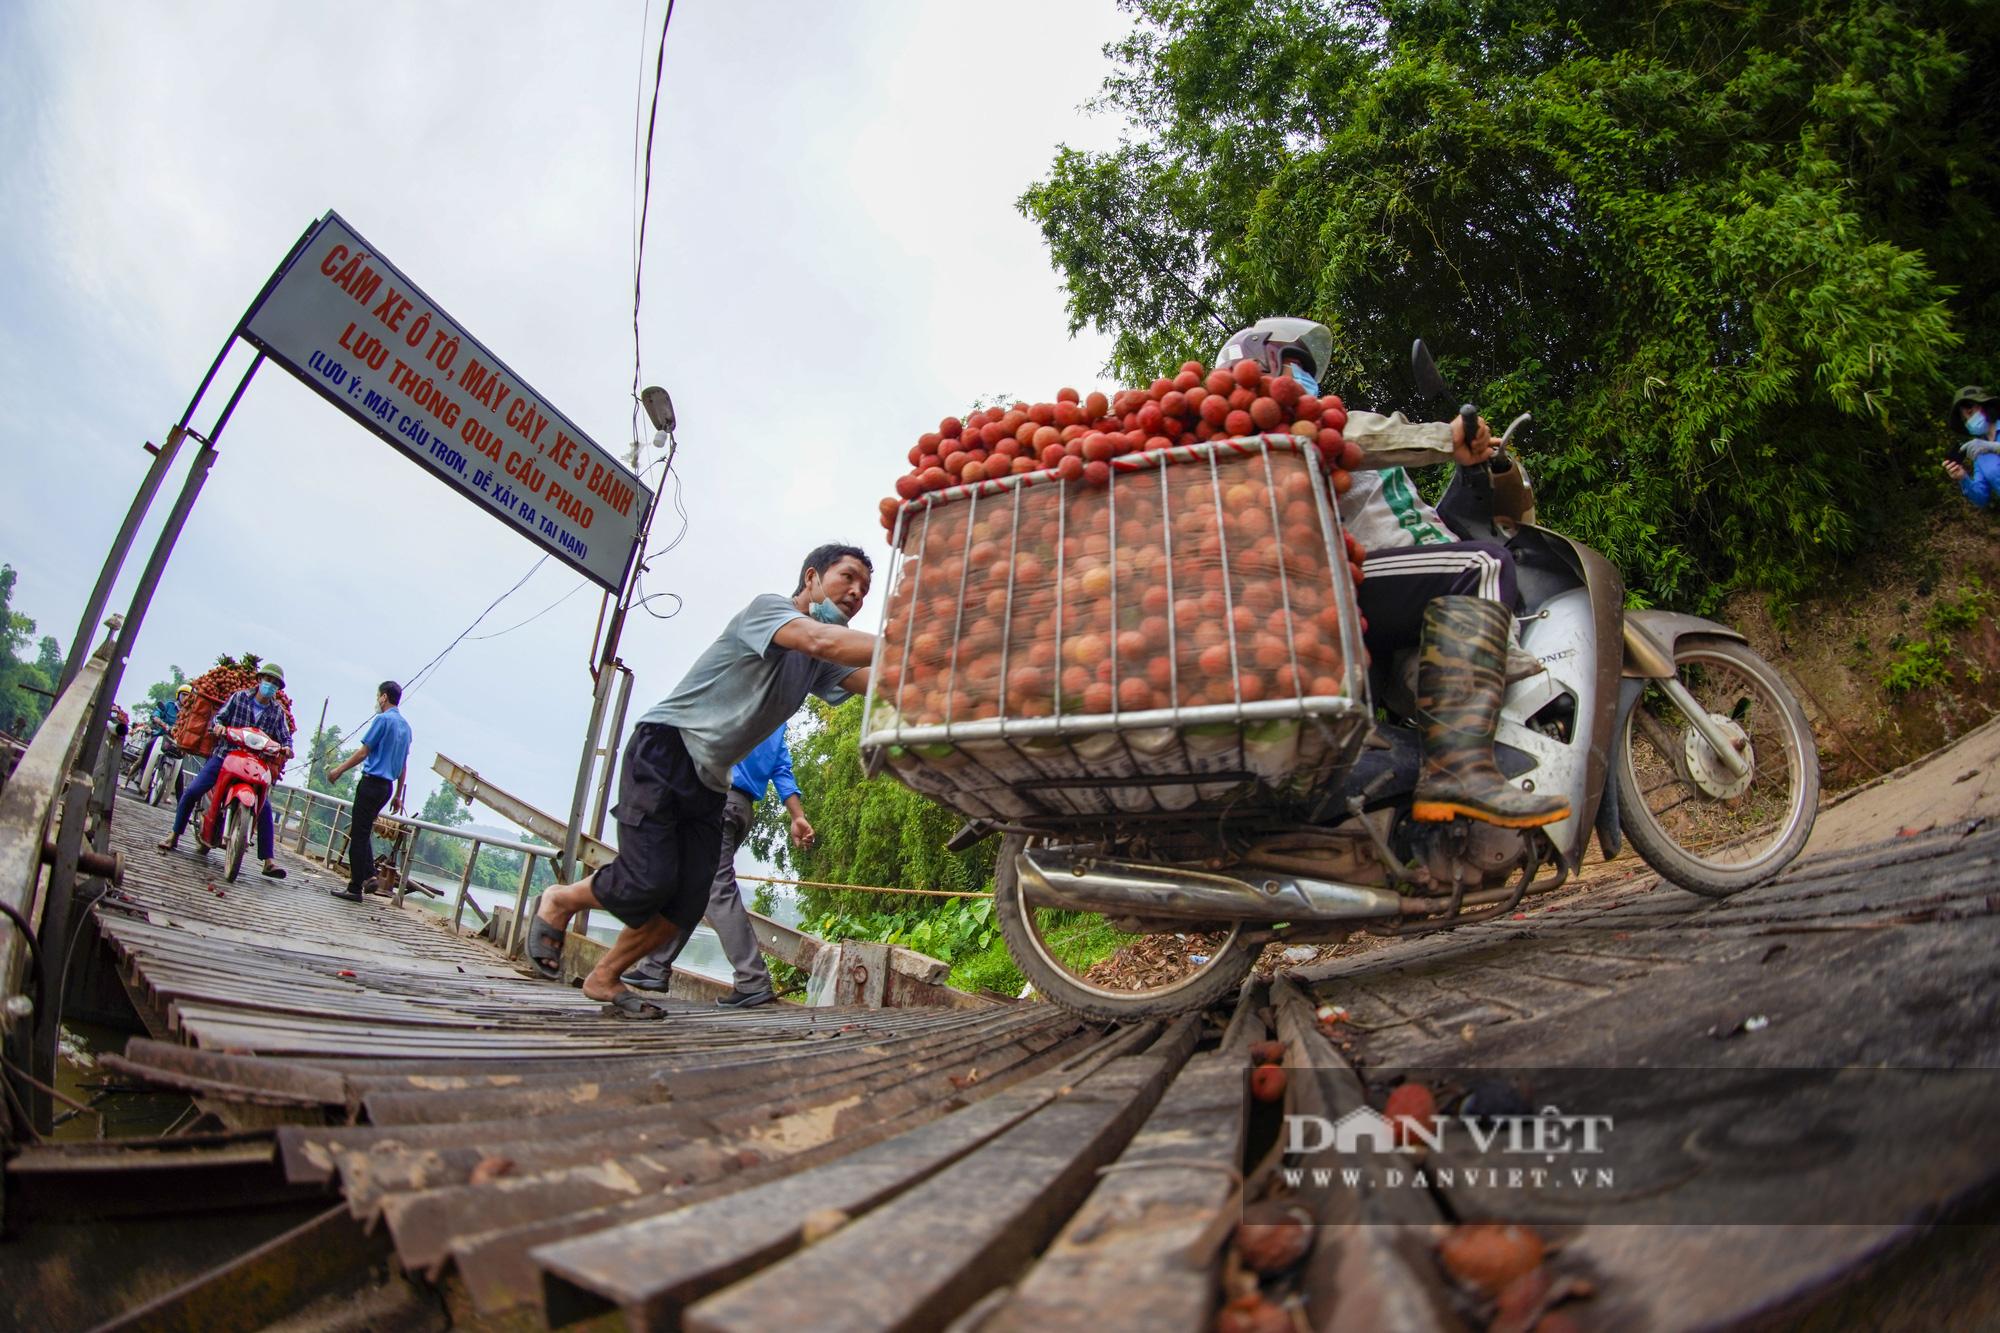 """Người dân """"vồ ếch"""", ngã xuống cầu khi chở vải đi qua cây cầu """"tử thần"""" ở Bắc Giang - Ảnh 10."""